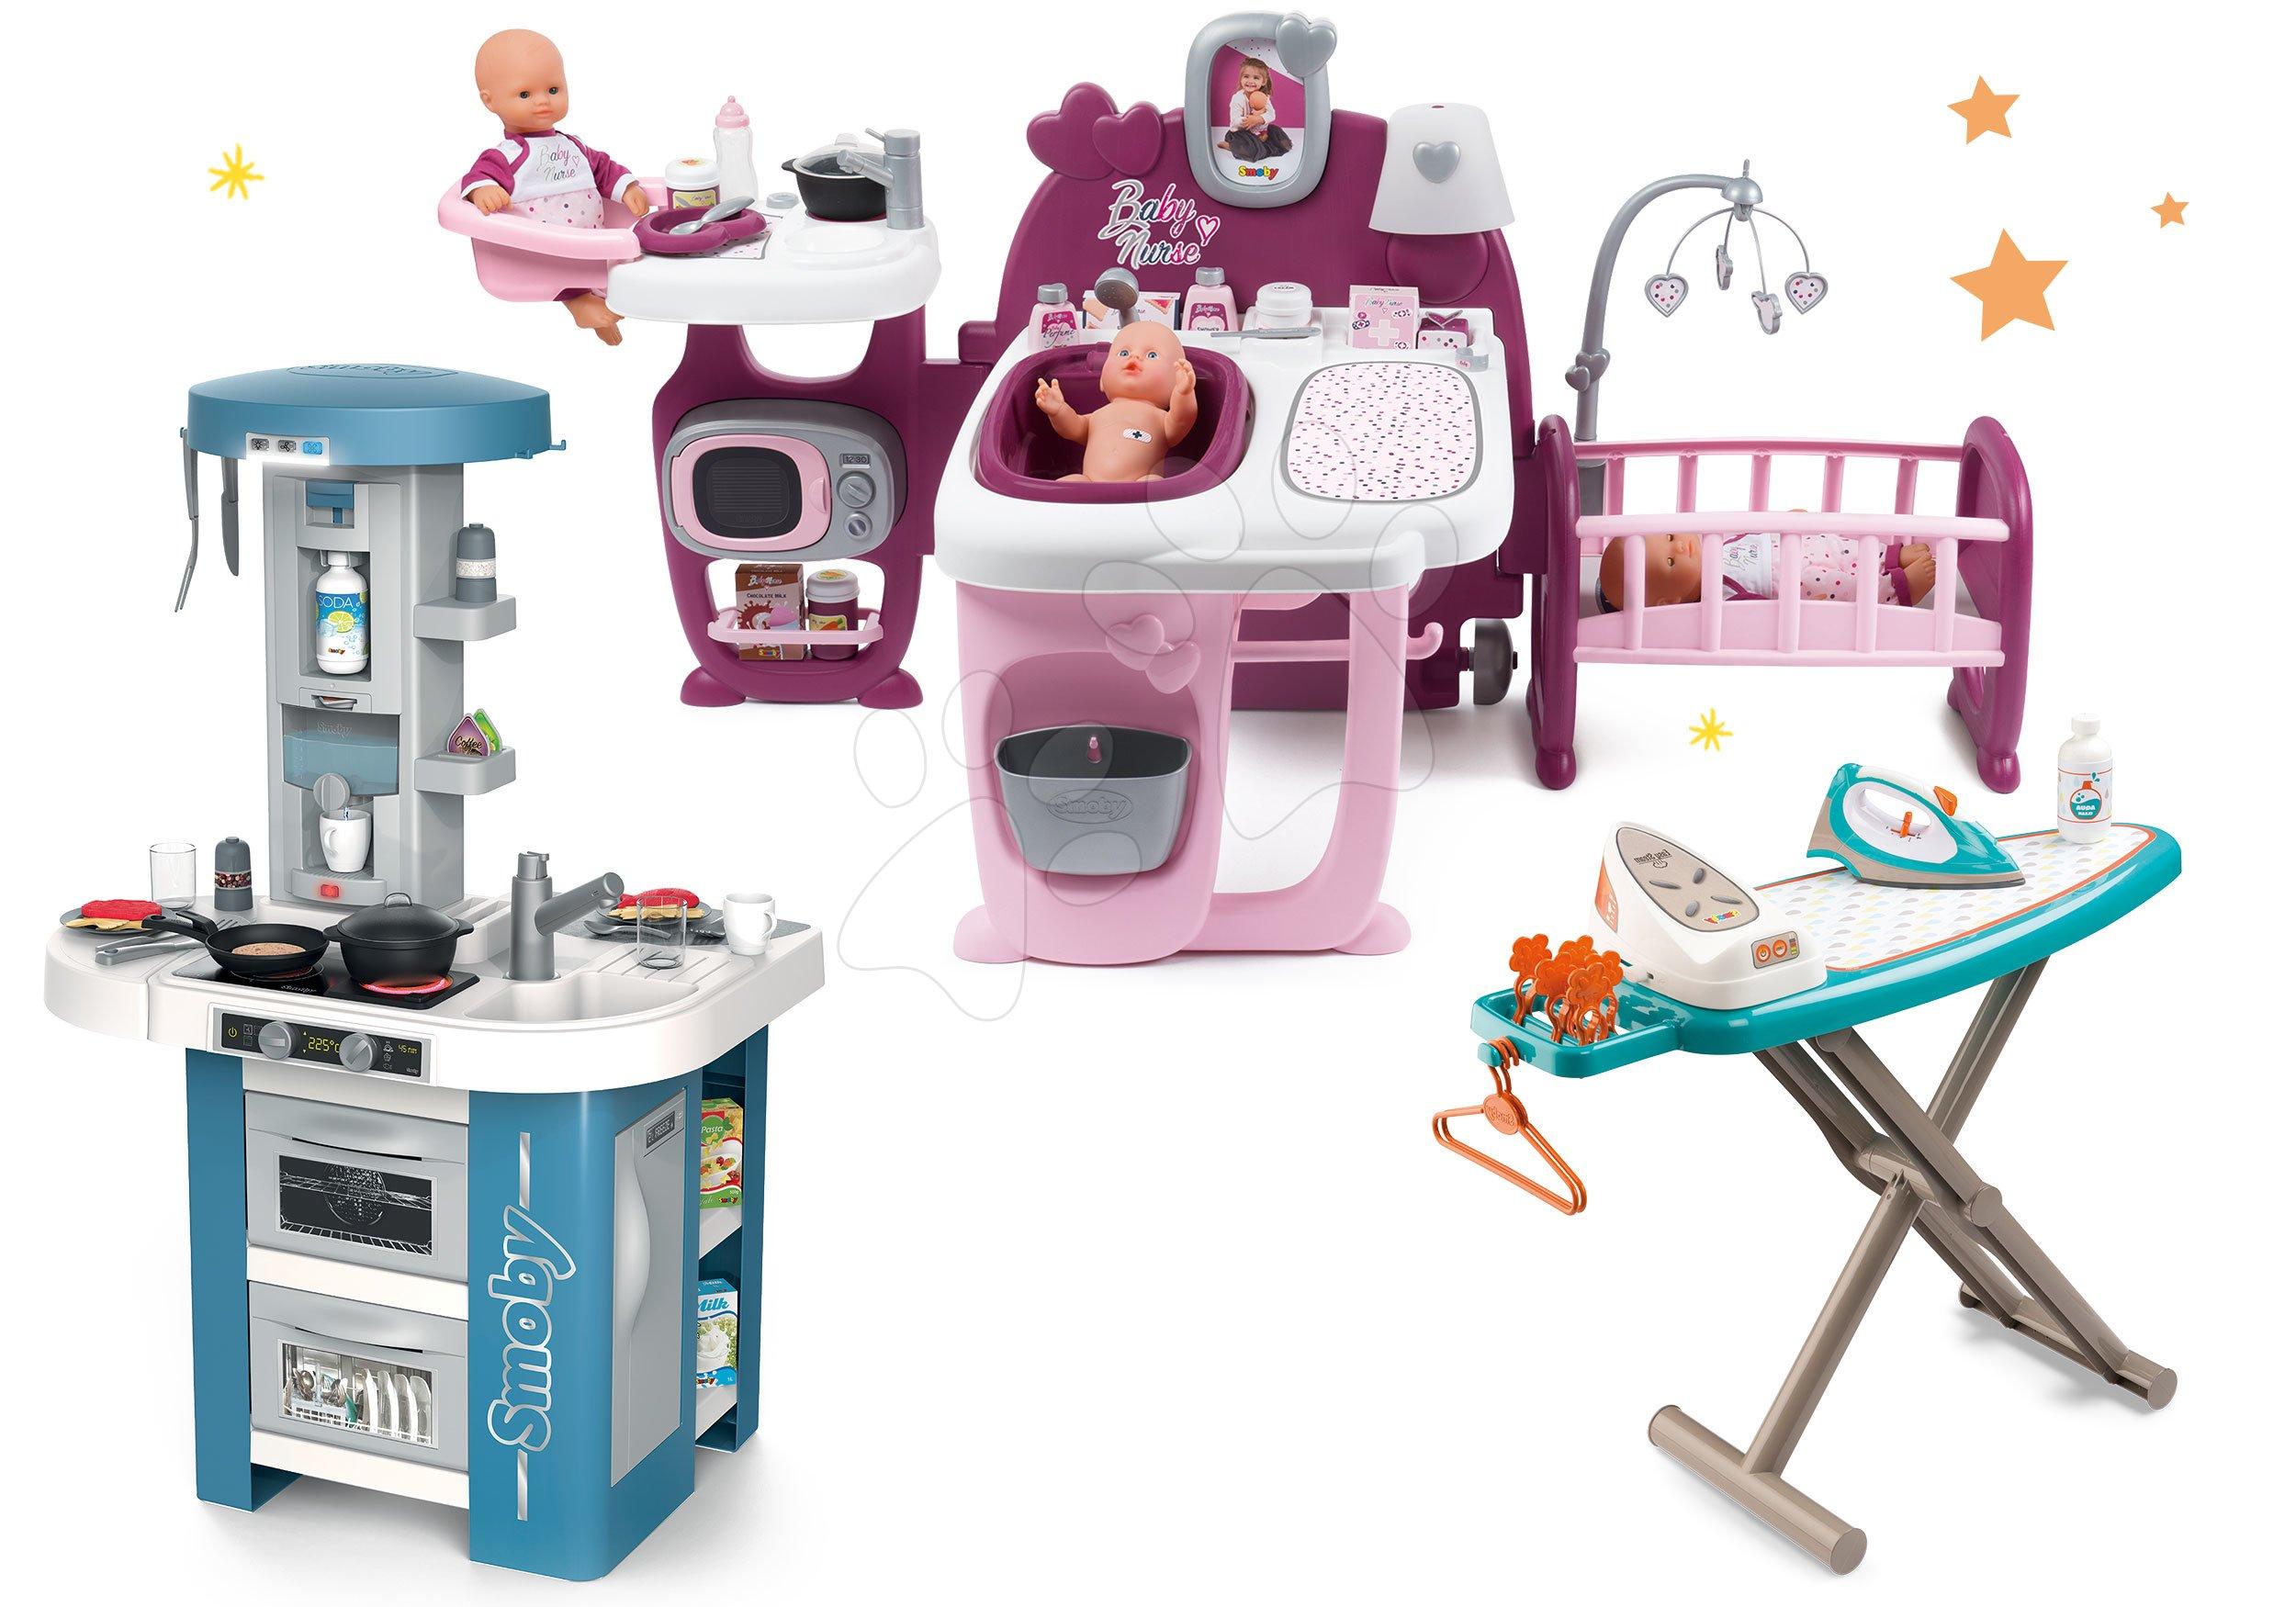 Smoby set domček pre bábiku Baby Nurse, kuchynka Tefal French Bubble a žehliaca doska so žehličkou 220327-15